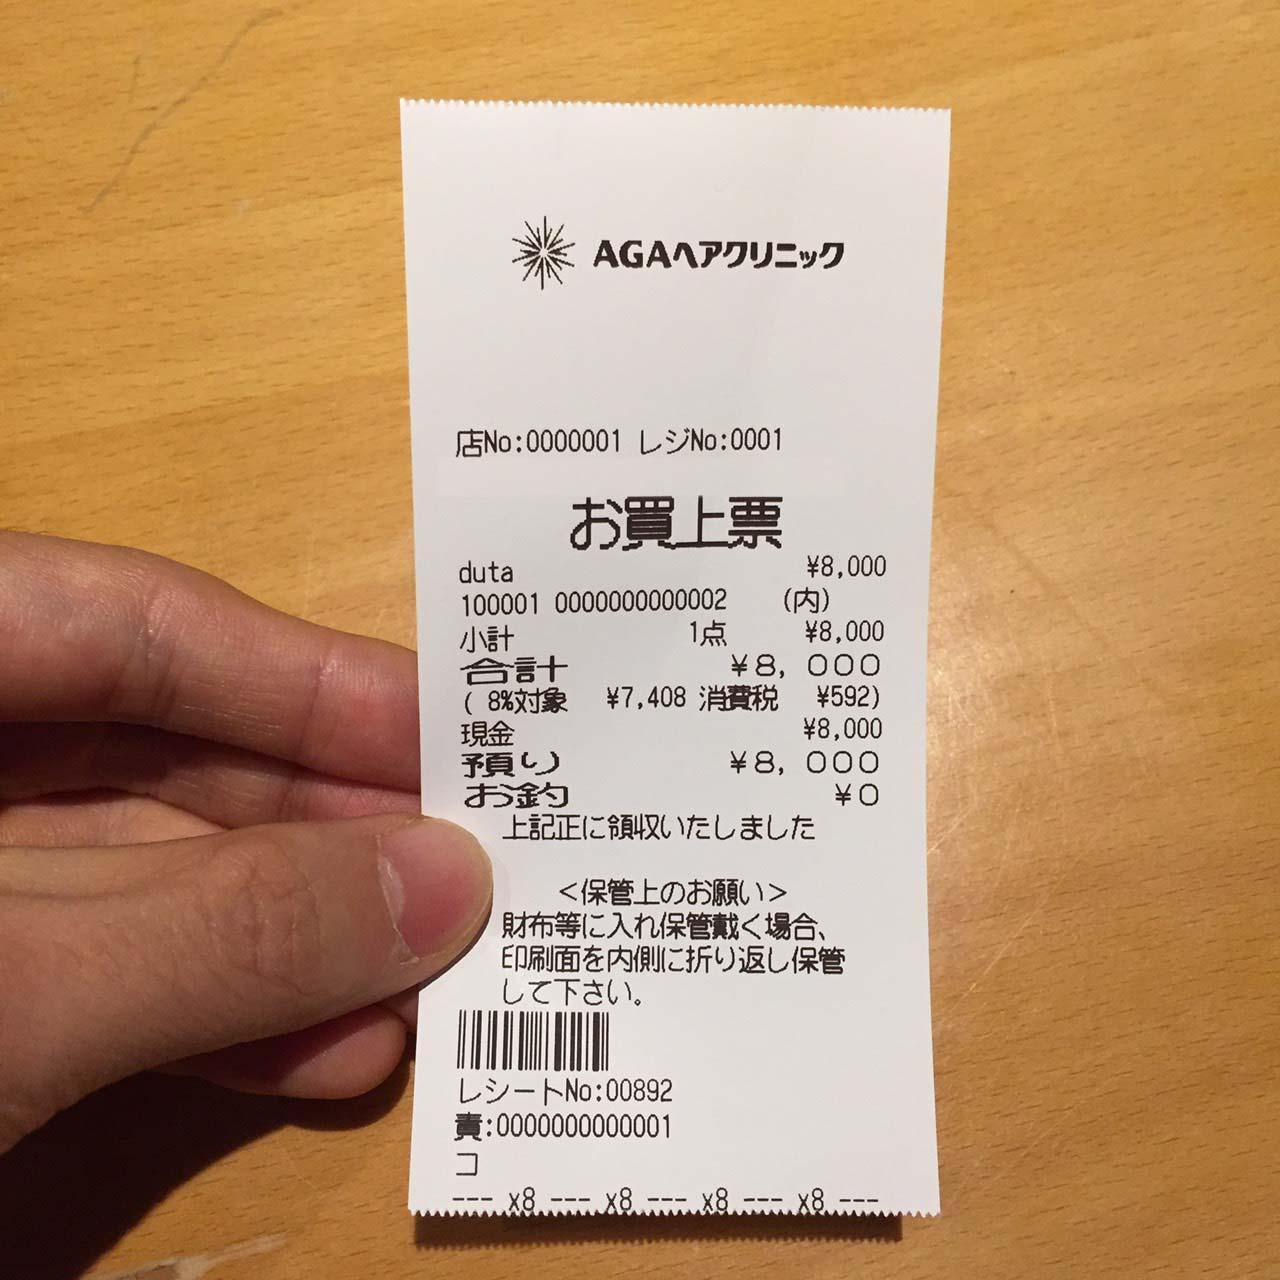 治療費(料金価格)8,000円コース